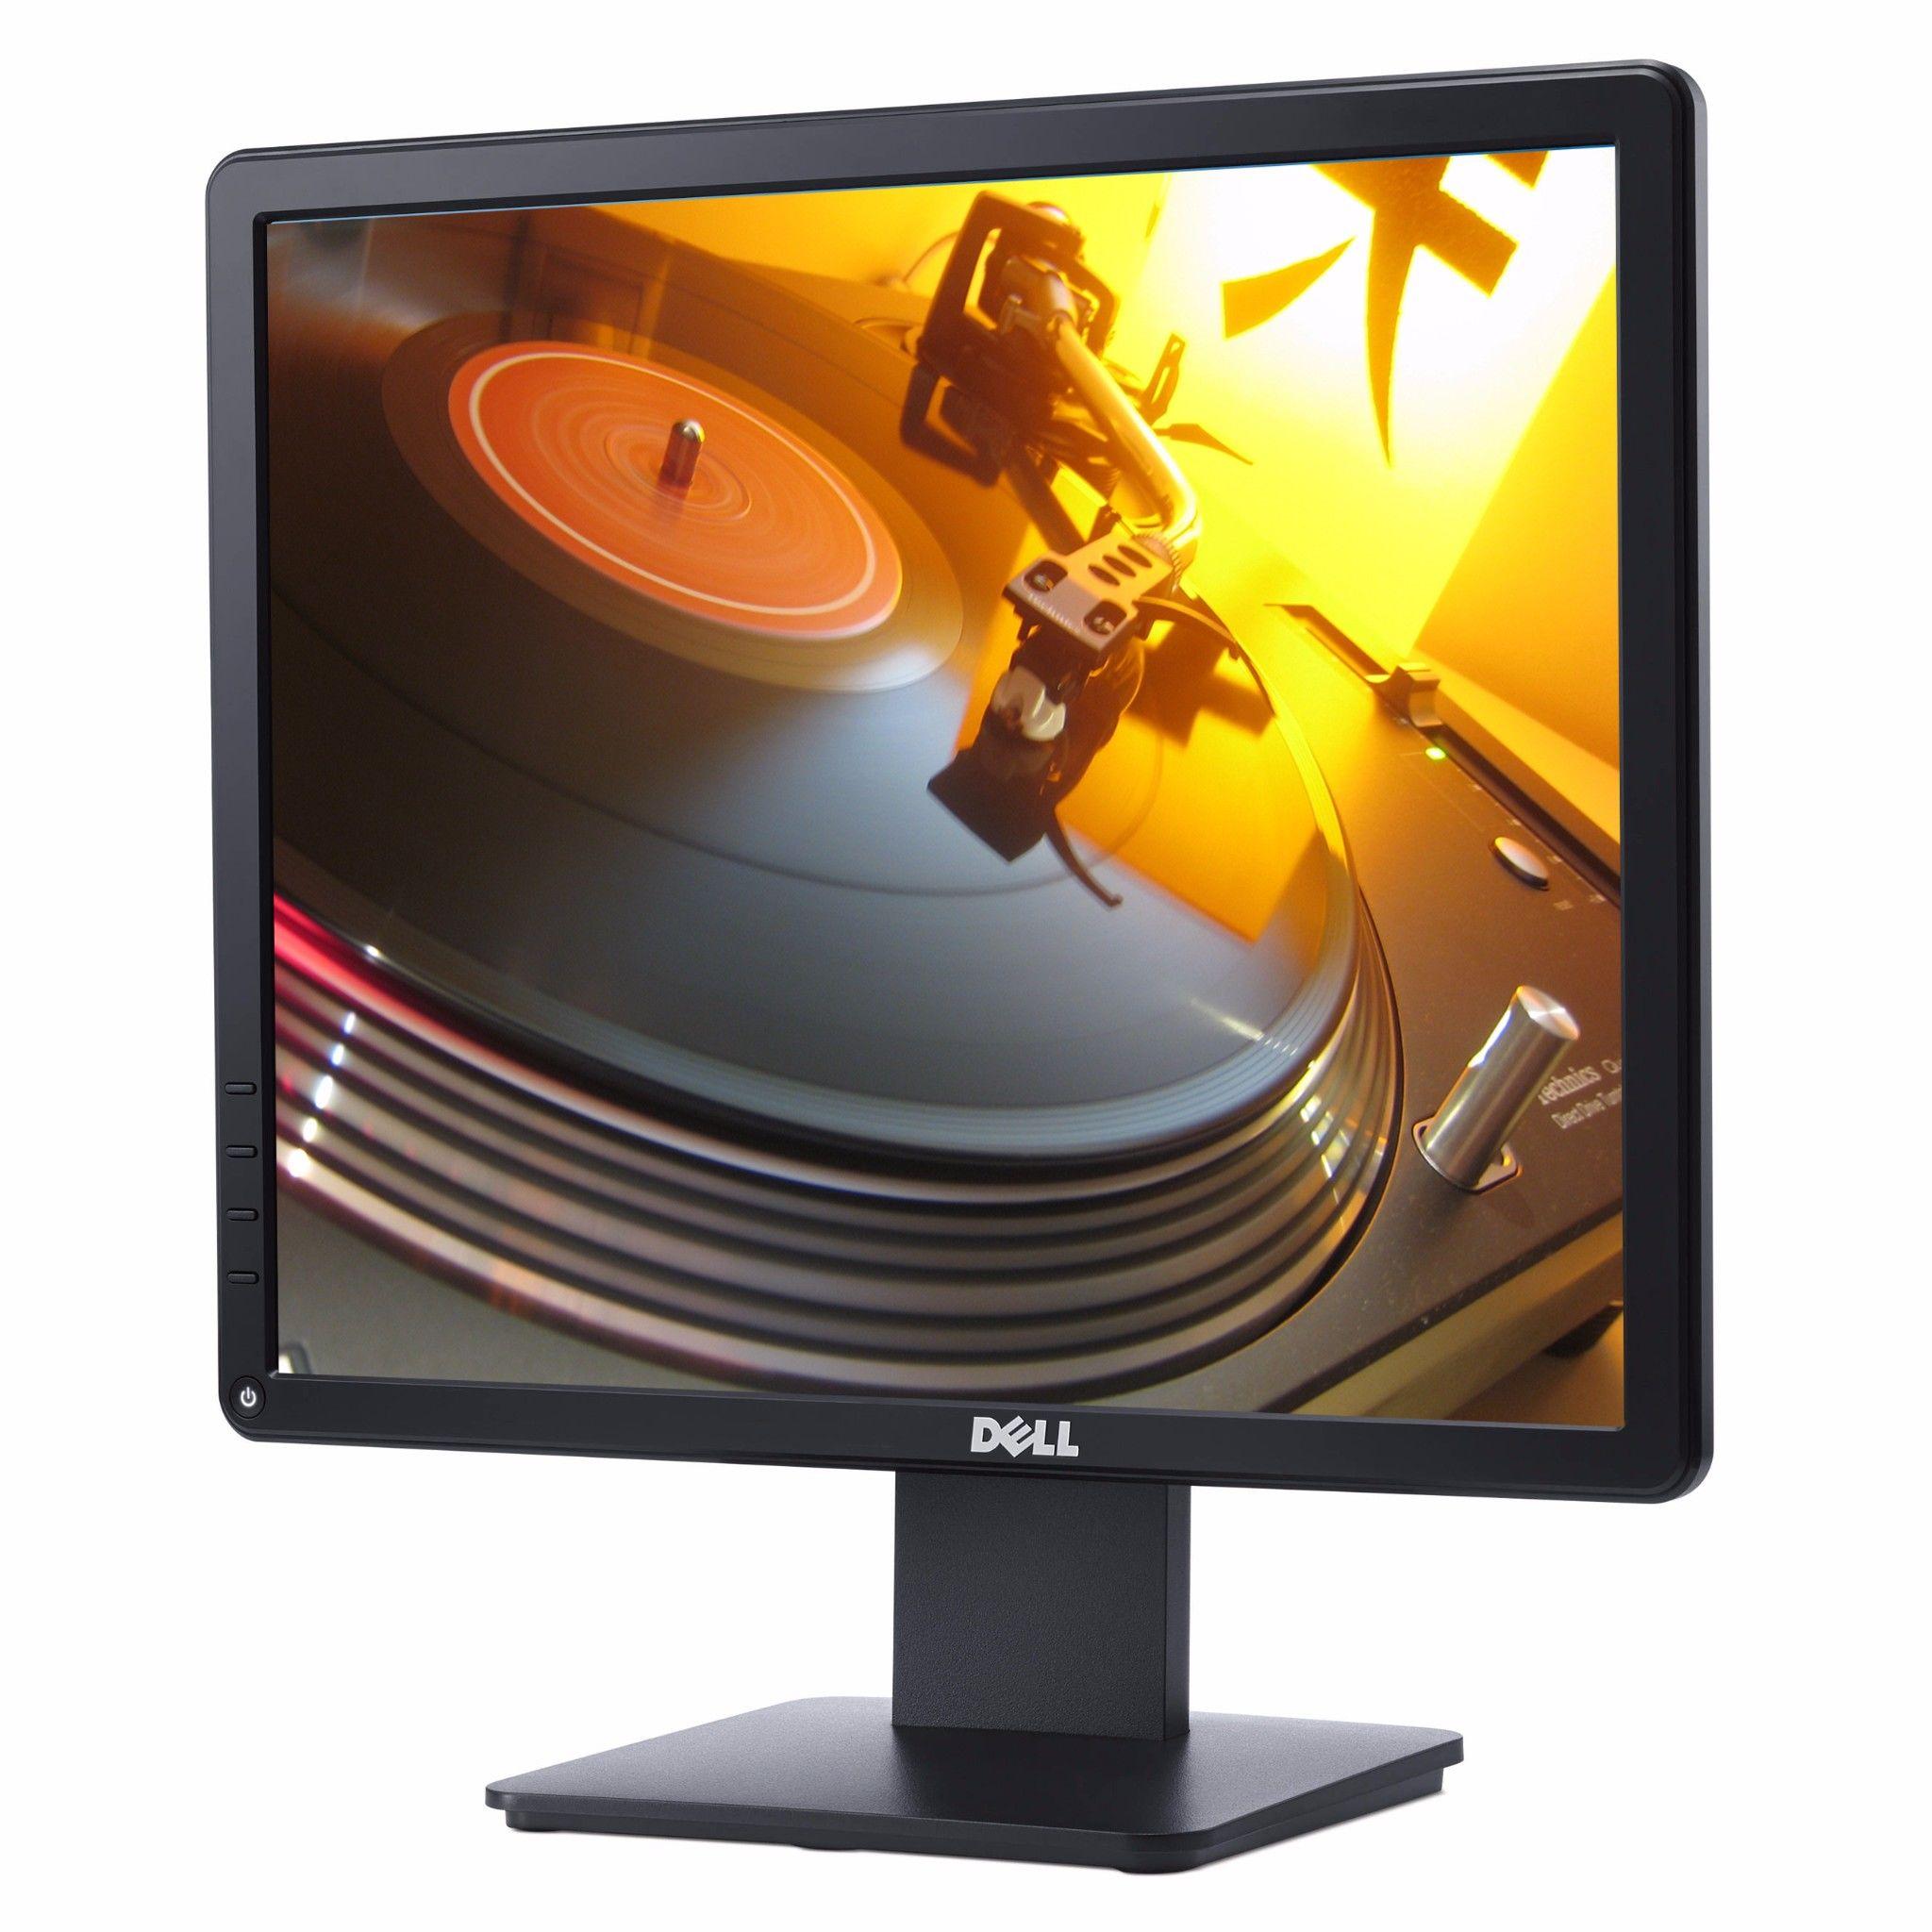 Màn hình máy tính E1715S Dell 17 inch vuông